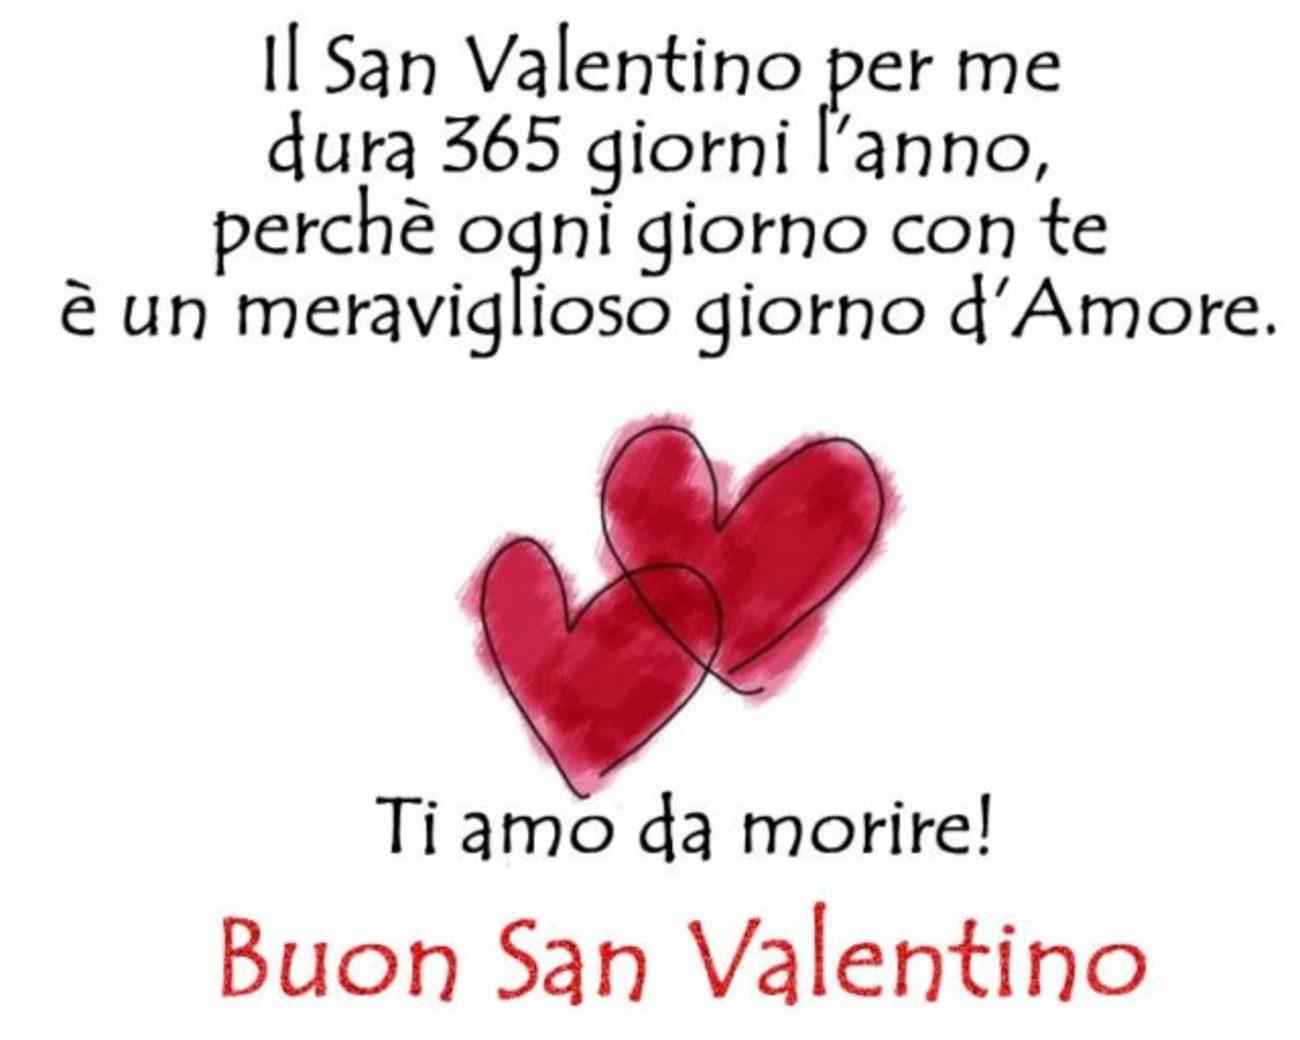 Immagini con frasi Buon San Valentino 5